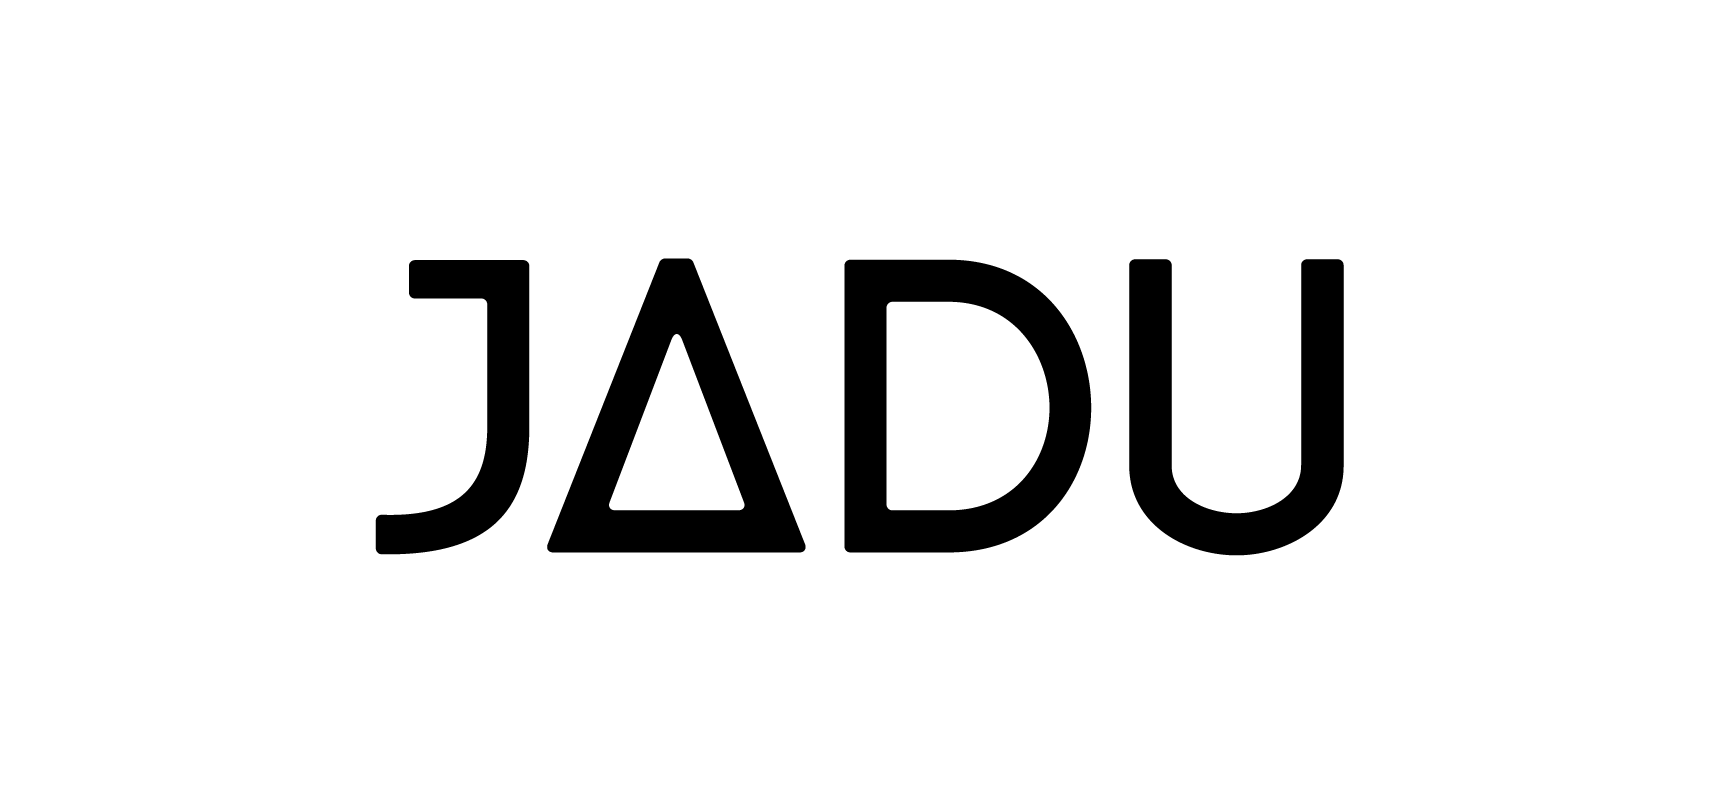 jadu-brandmark-3